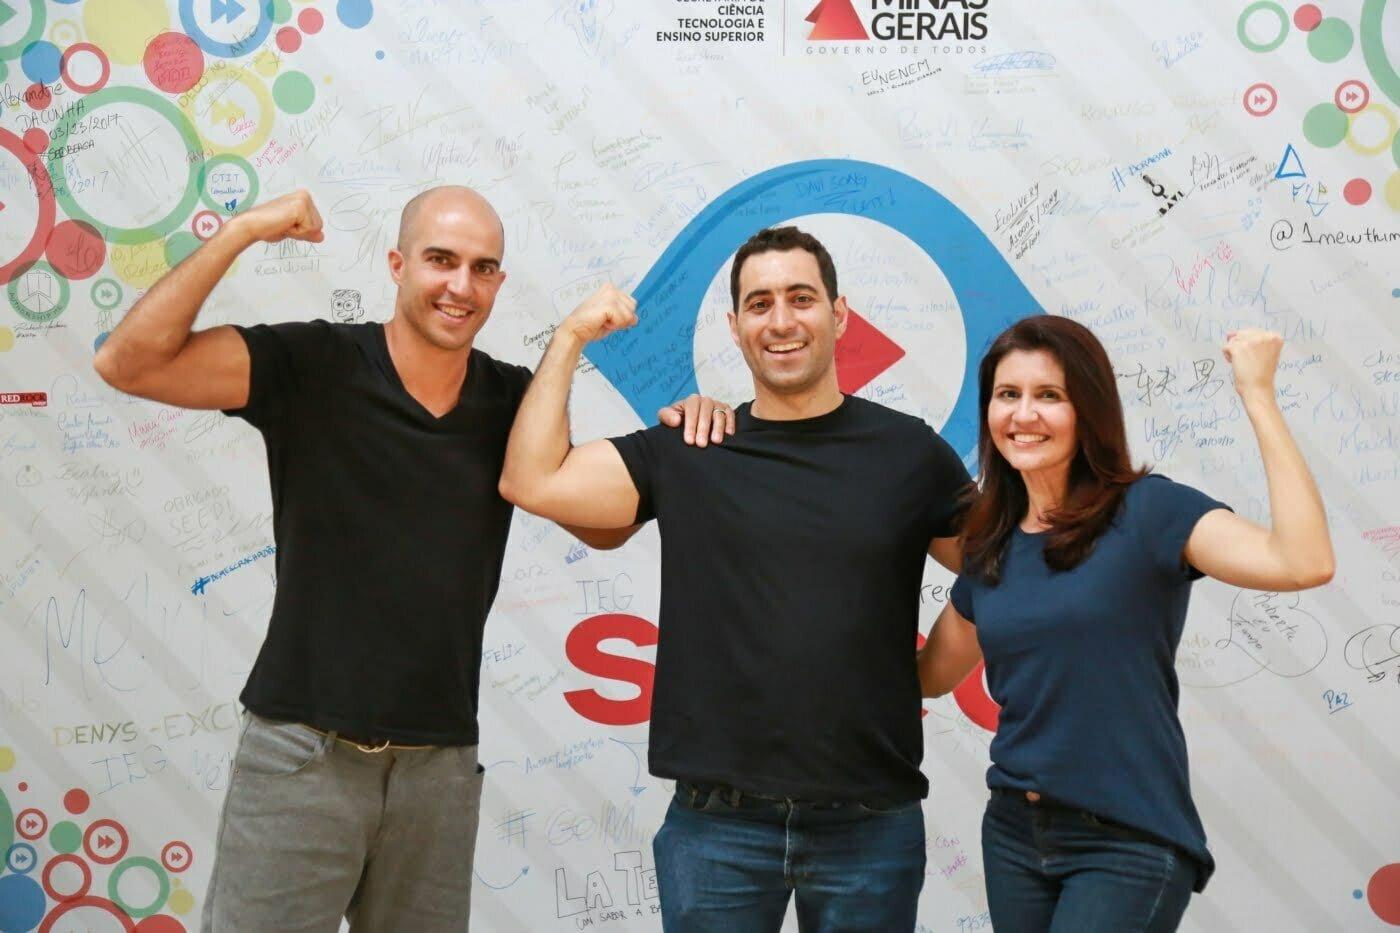 Camilo, Gustavo e Julcele, que levantaram a Pro-Treino no muque. A empresa já anda com as próprias pernas, a meta para fim de 2019 é que dê lucro.